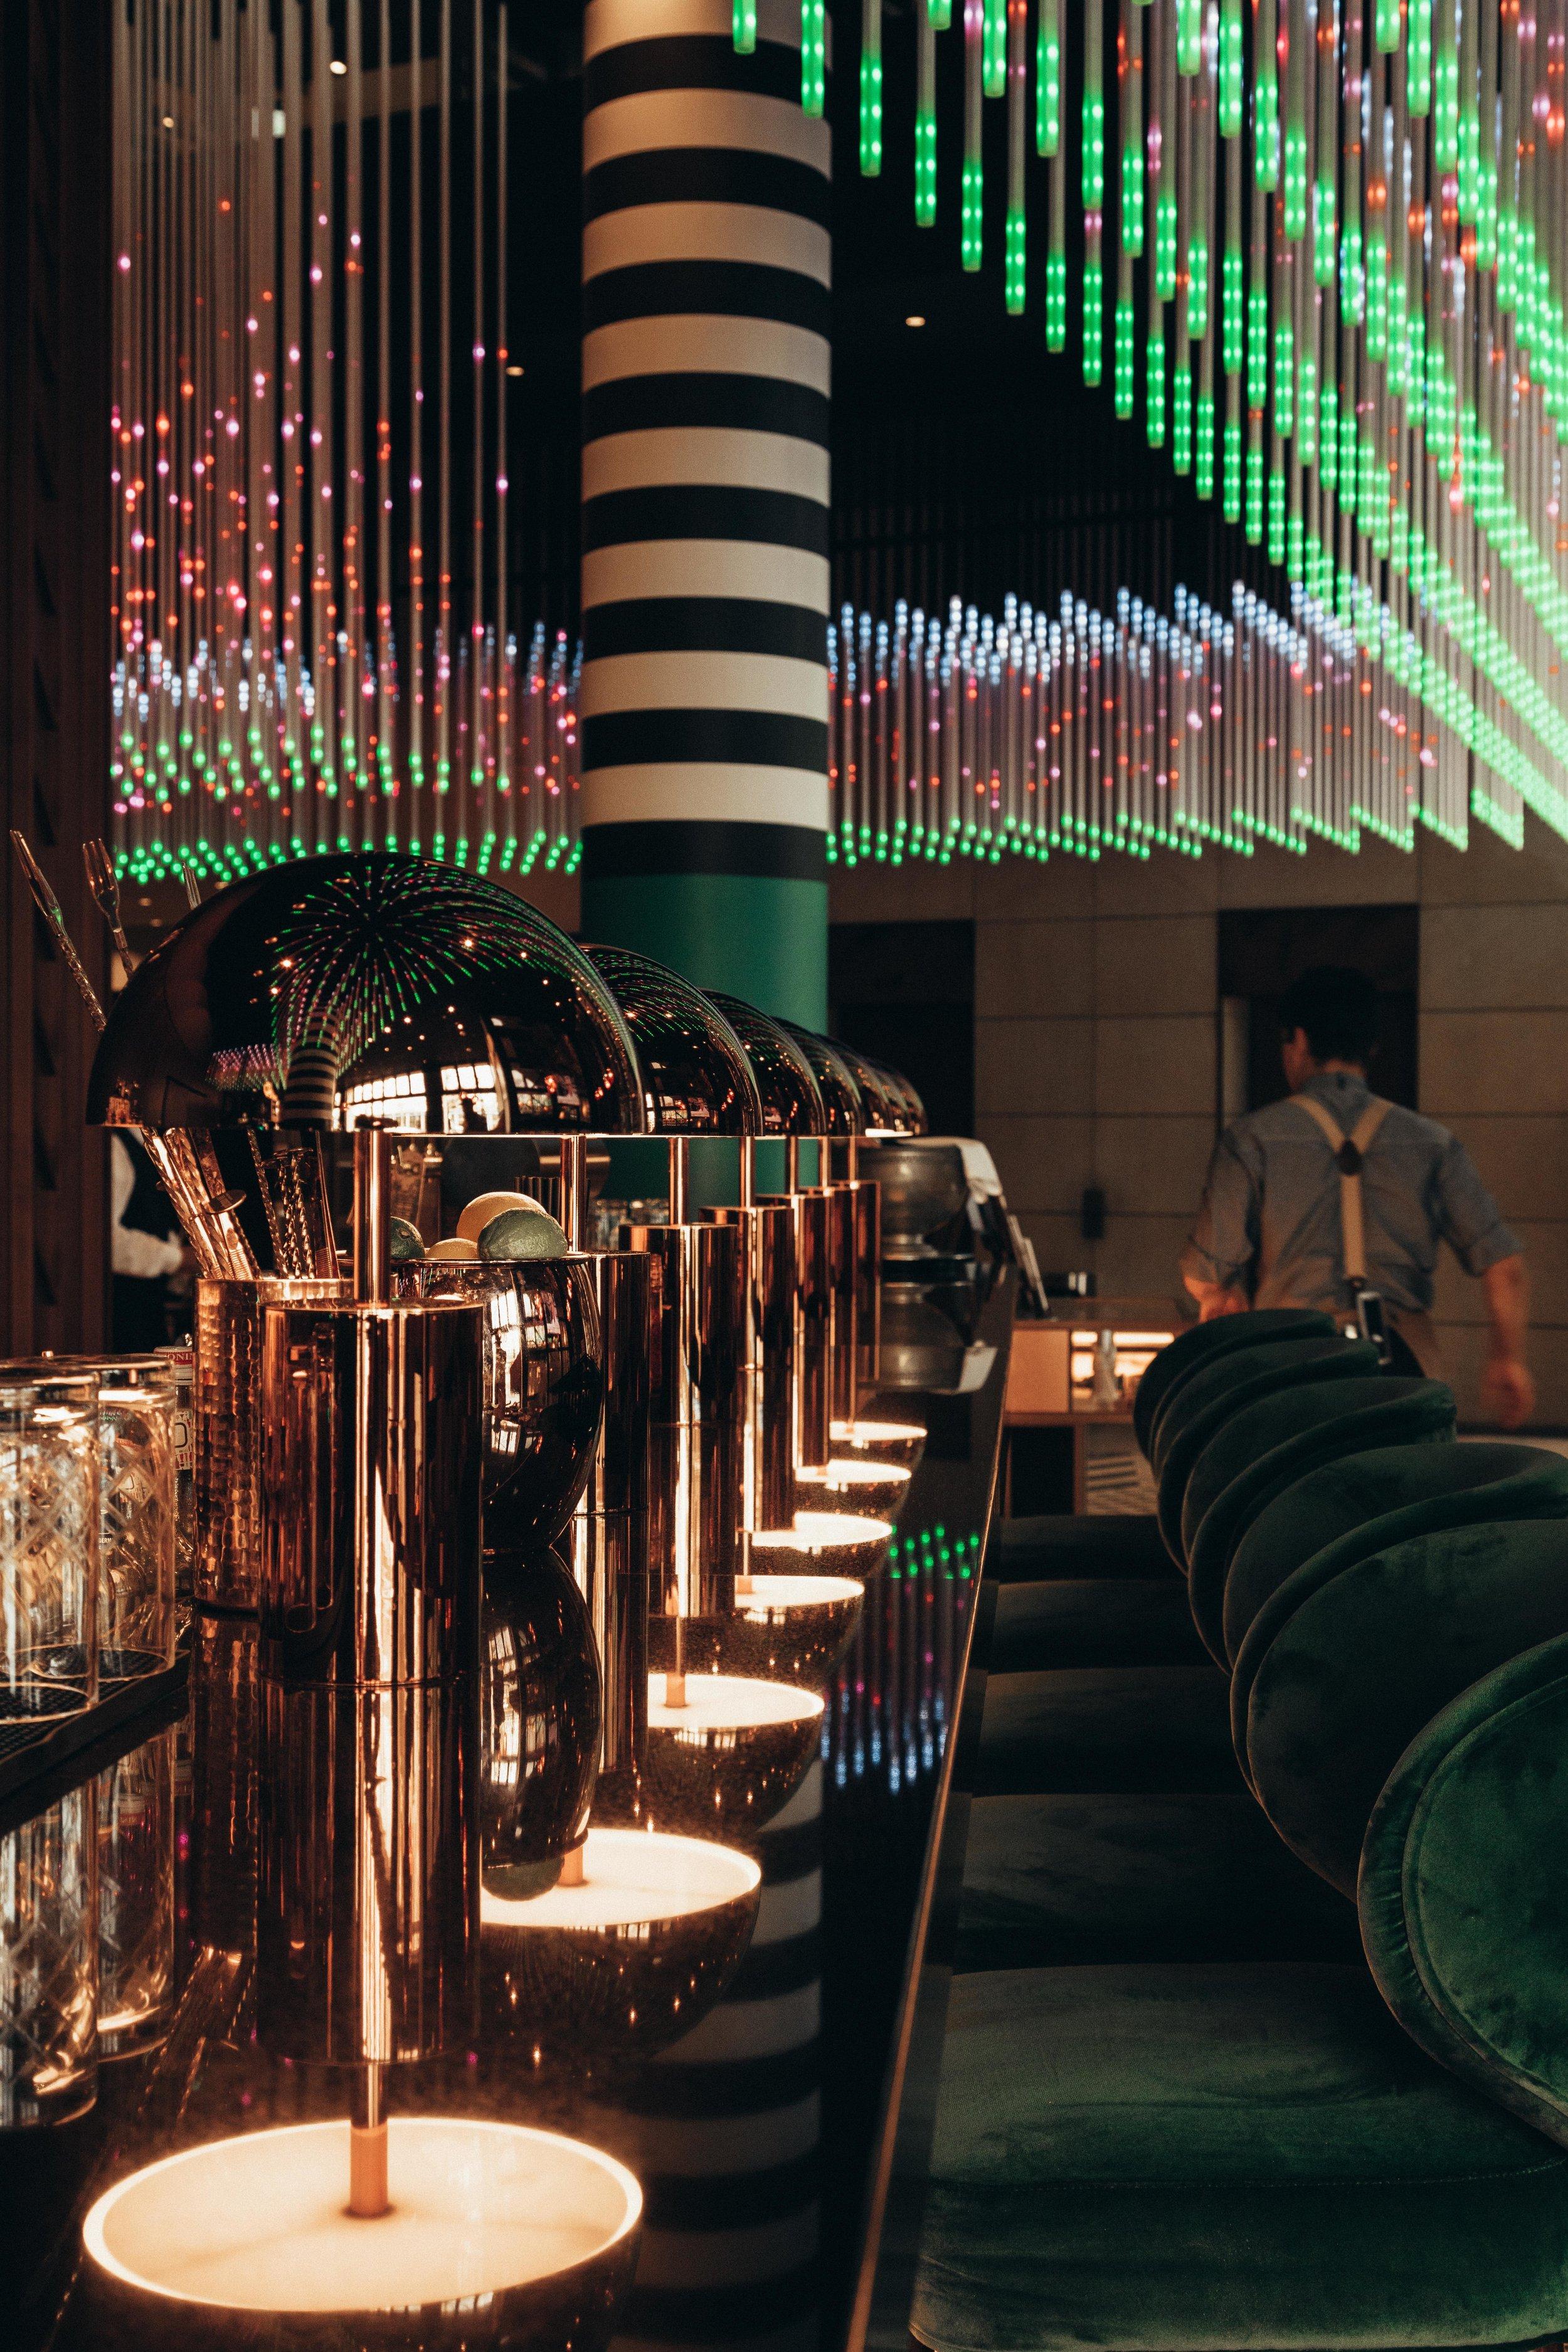 Pullman-hotel-berlin-suite-sug-sean.jpg